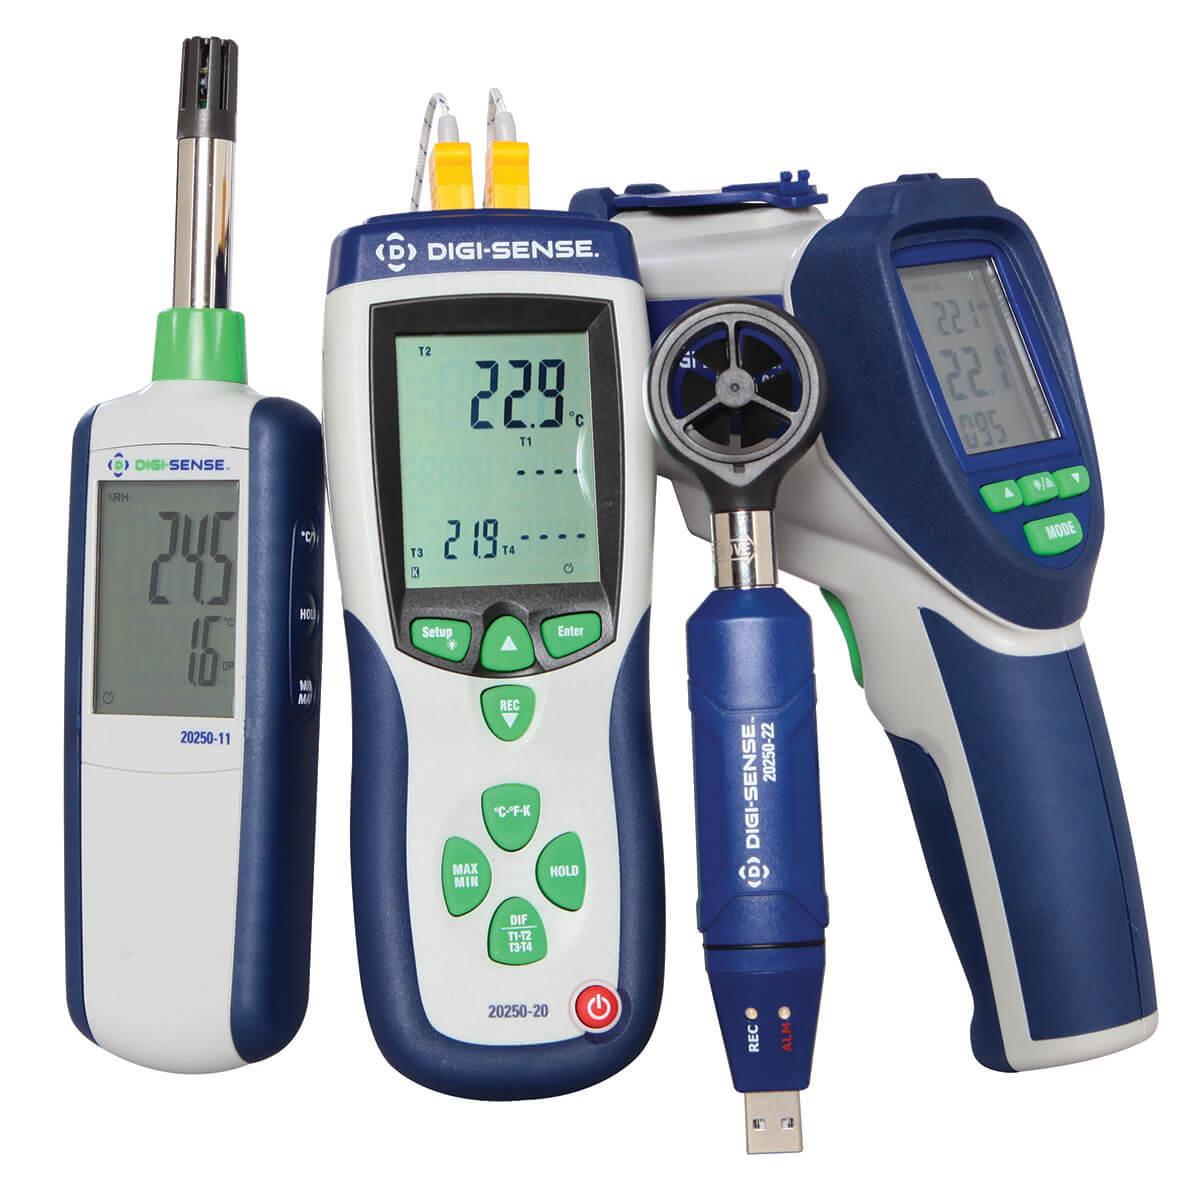 Một số tính năng của thiết bị đo môi trường